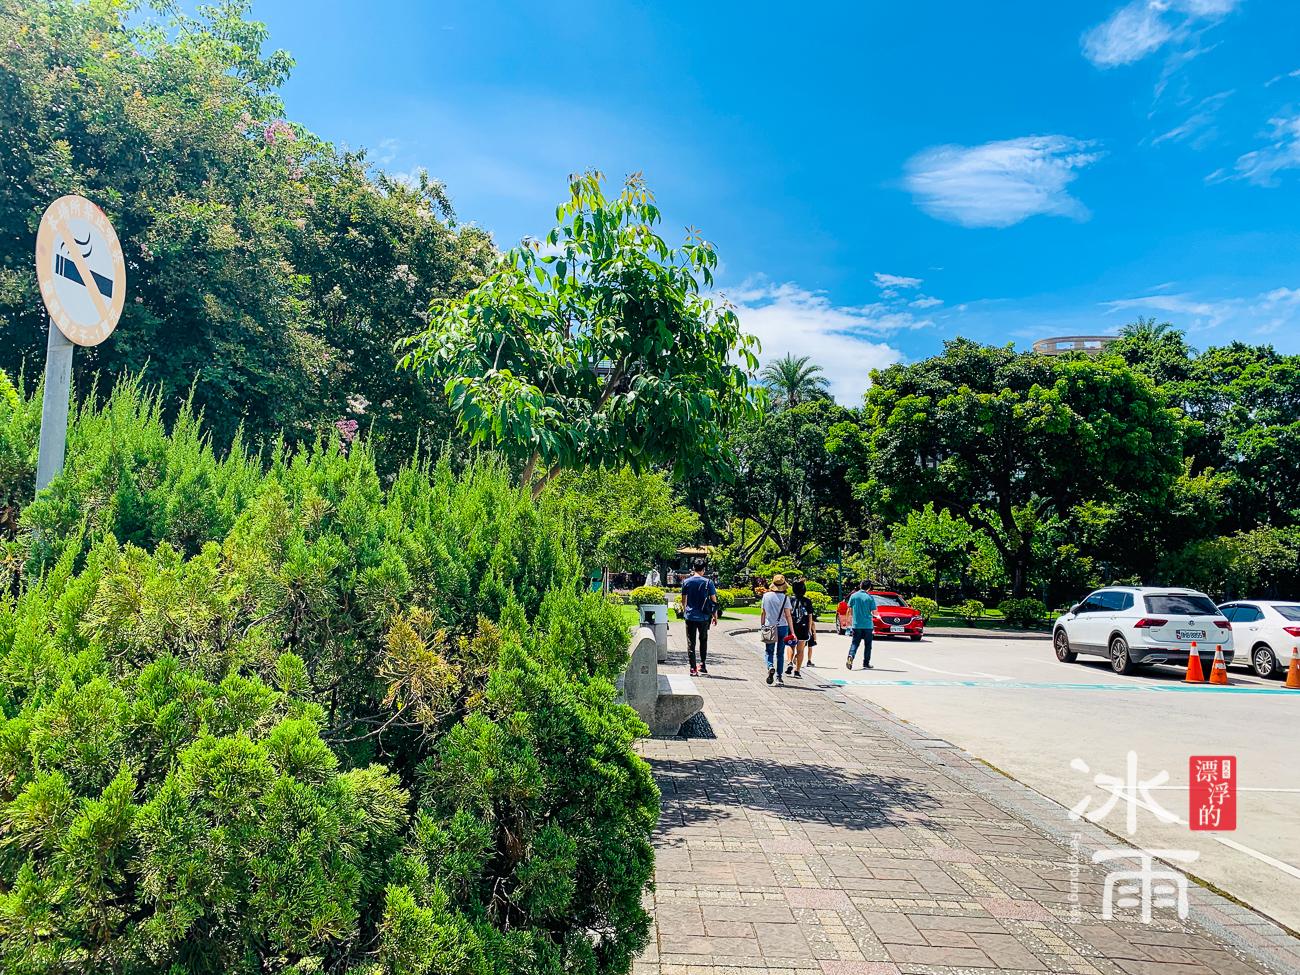 國父紀念館|花園的方向